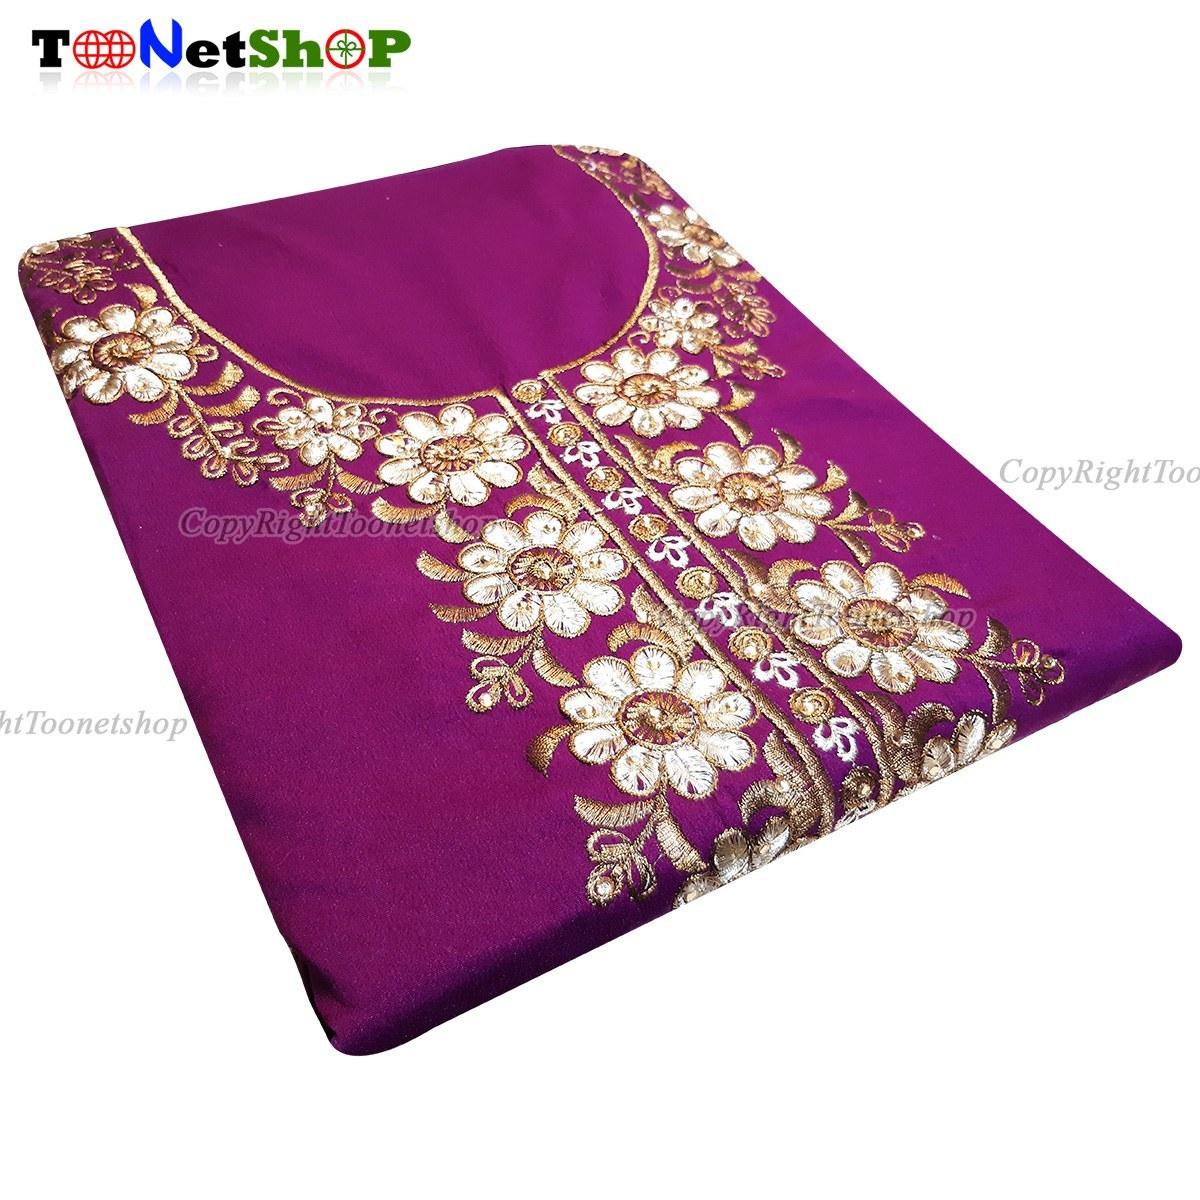 عکس پک پارچه کرپ لباس هندی مدل پنجابی کد 1045  پک-پارچه-کرپ-لباس-هندی-مدل-پنجابی-کد-1045